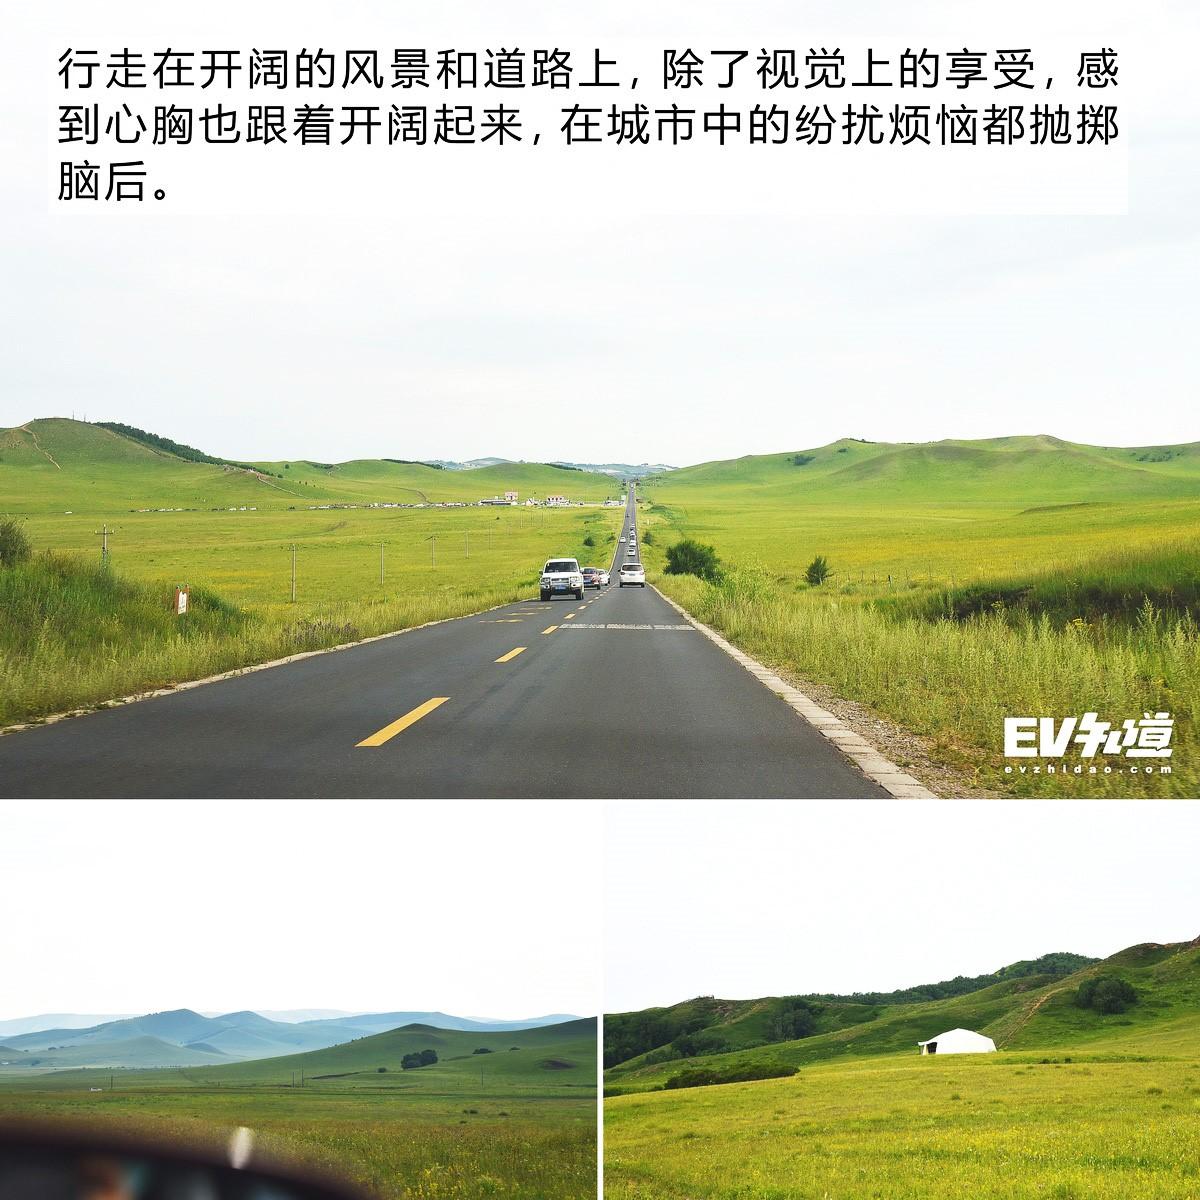 说走就走的草原之旅 电动汽车也有诗和远方(下)